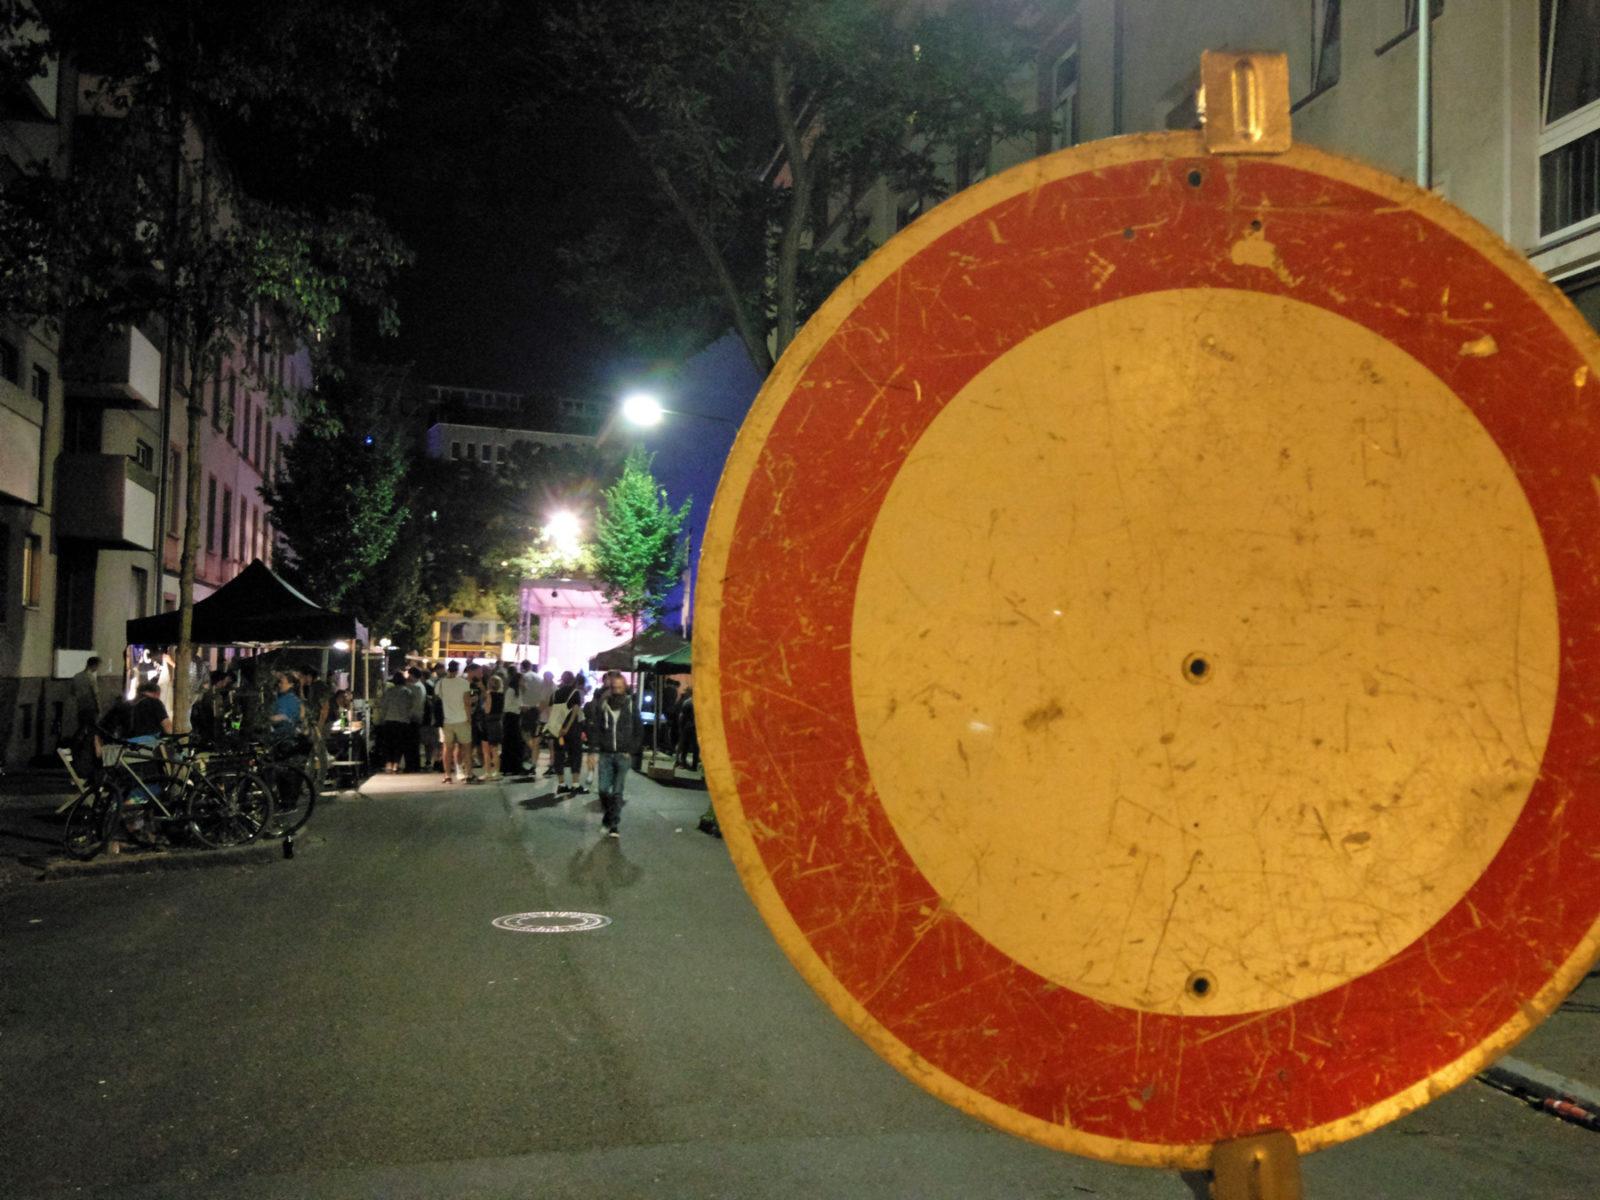 """im Vordergrund ein Verkehrsschild """"Verbot für alle Fahrzeuge"""", im Hintergrund das Straßenfest, mit Gruppen von Besuchern und der beleuchteten Bühne. Gedacht als Symbolik: """"Das war's, Schluss für heute"""""""